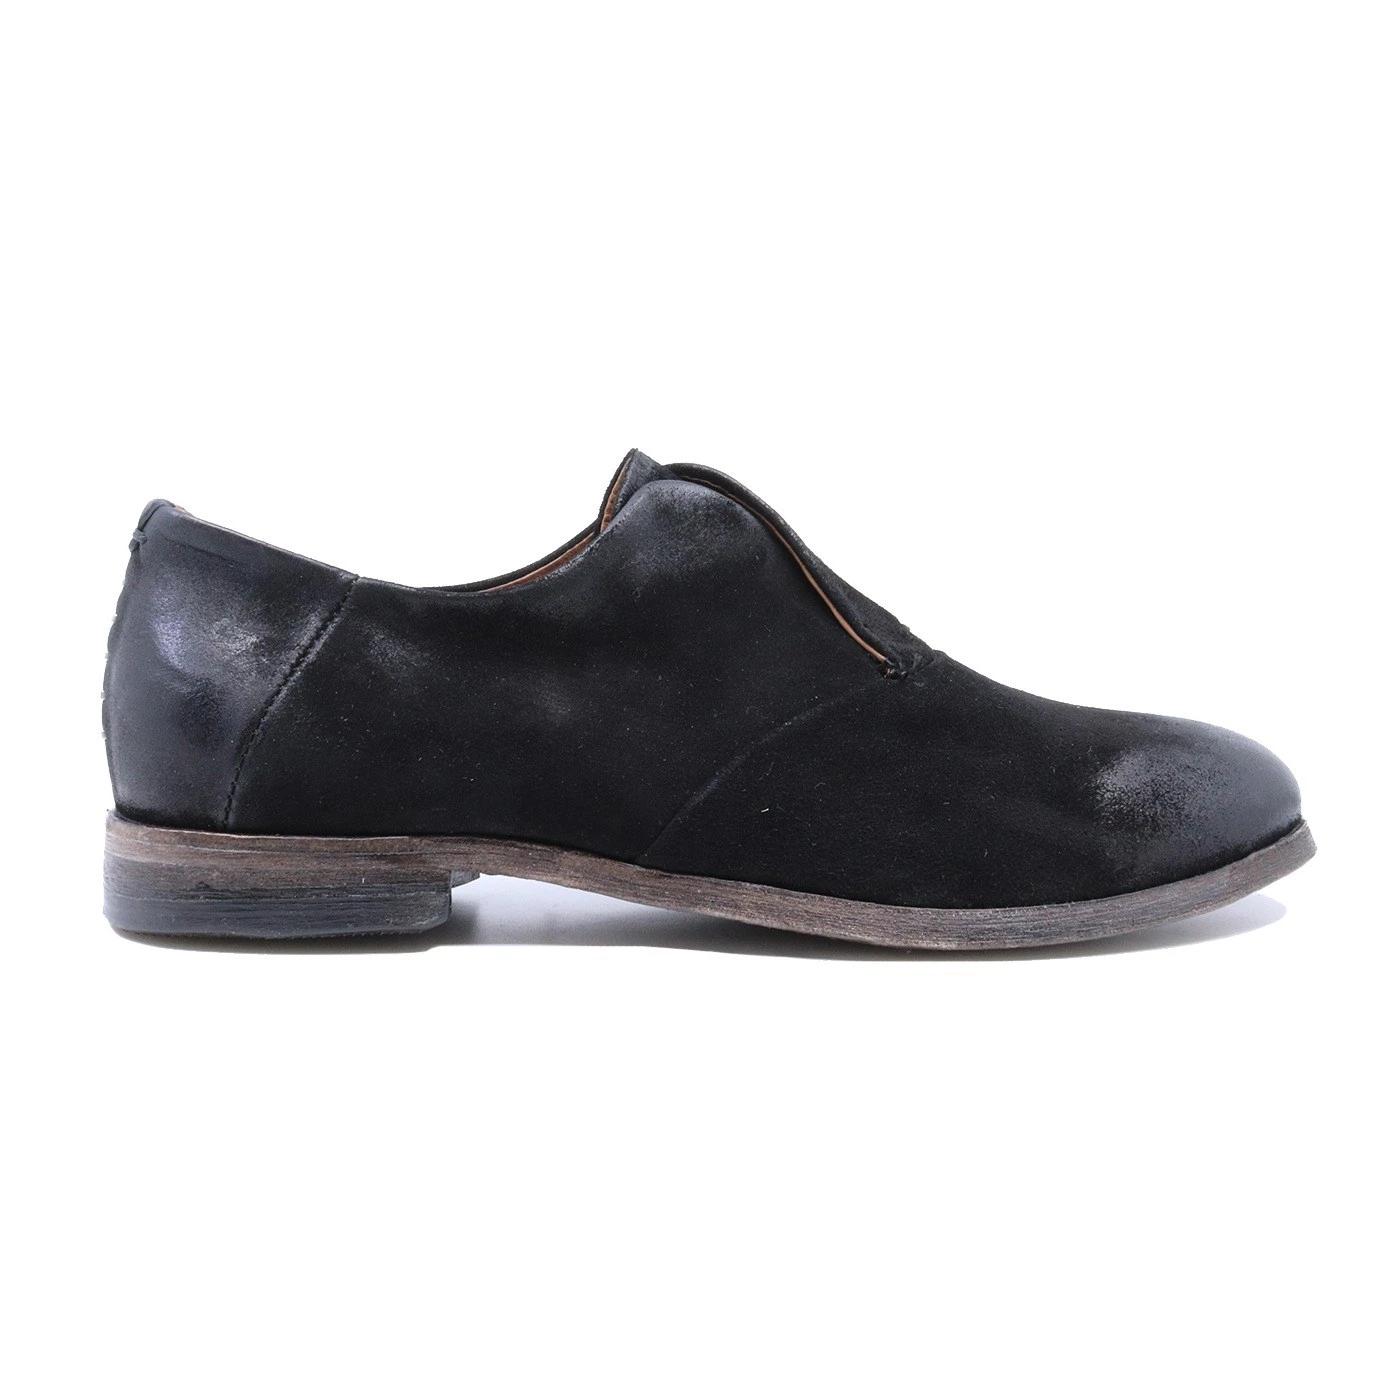 A.S. 98 U41104 scarpa da uomo in pelle nera